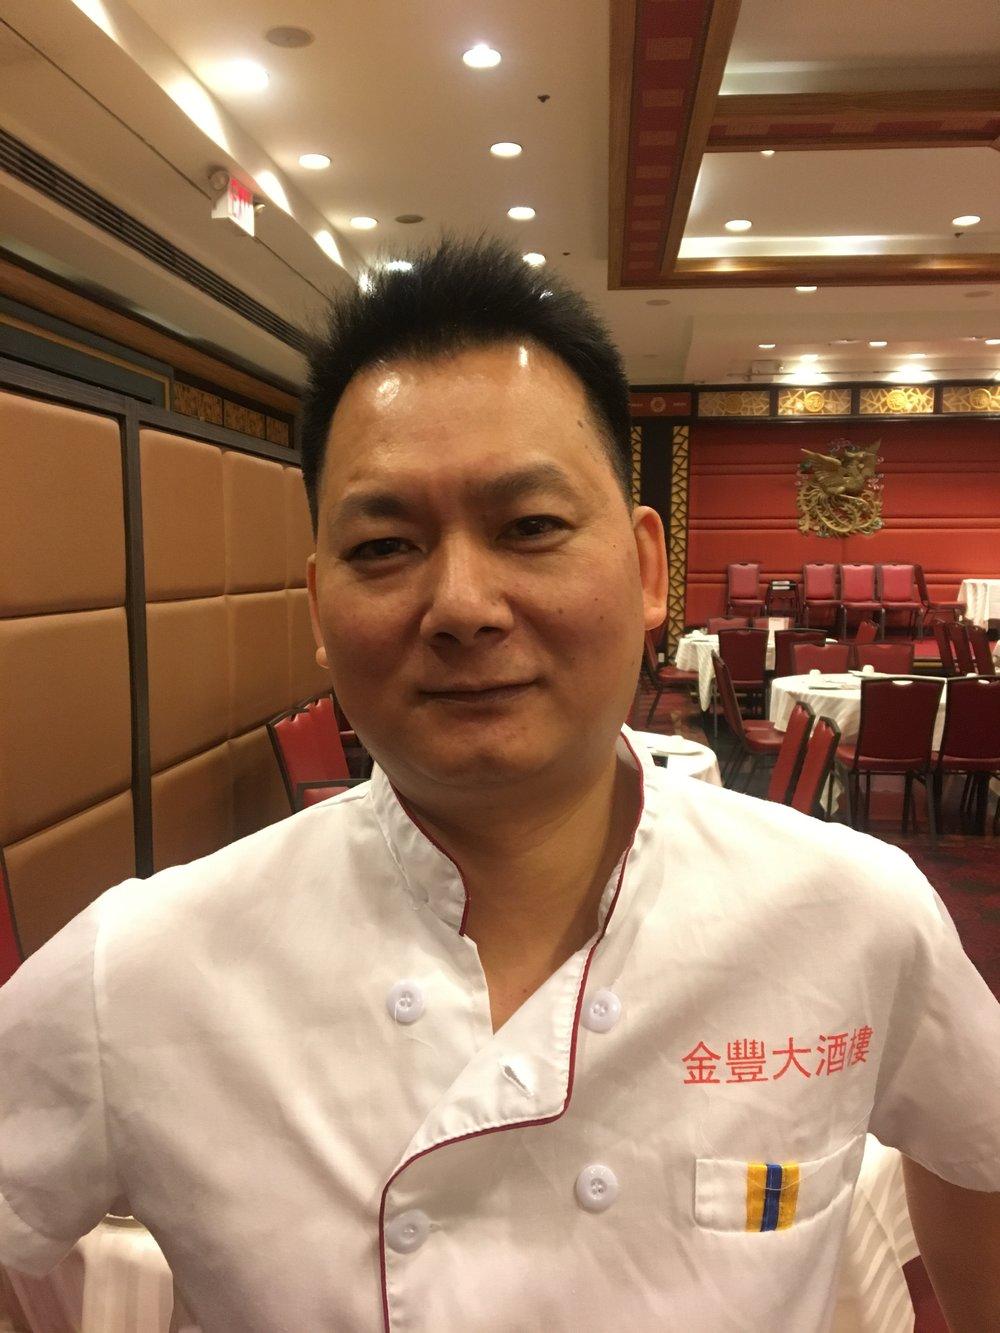 Jin Ruan; Jing Fong